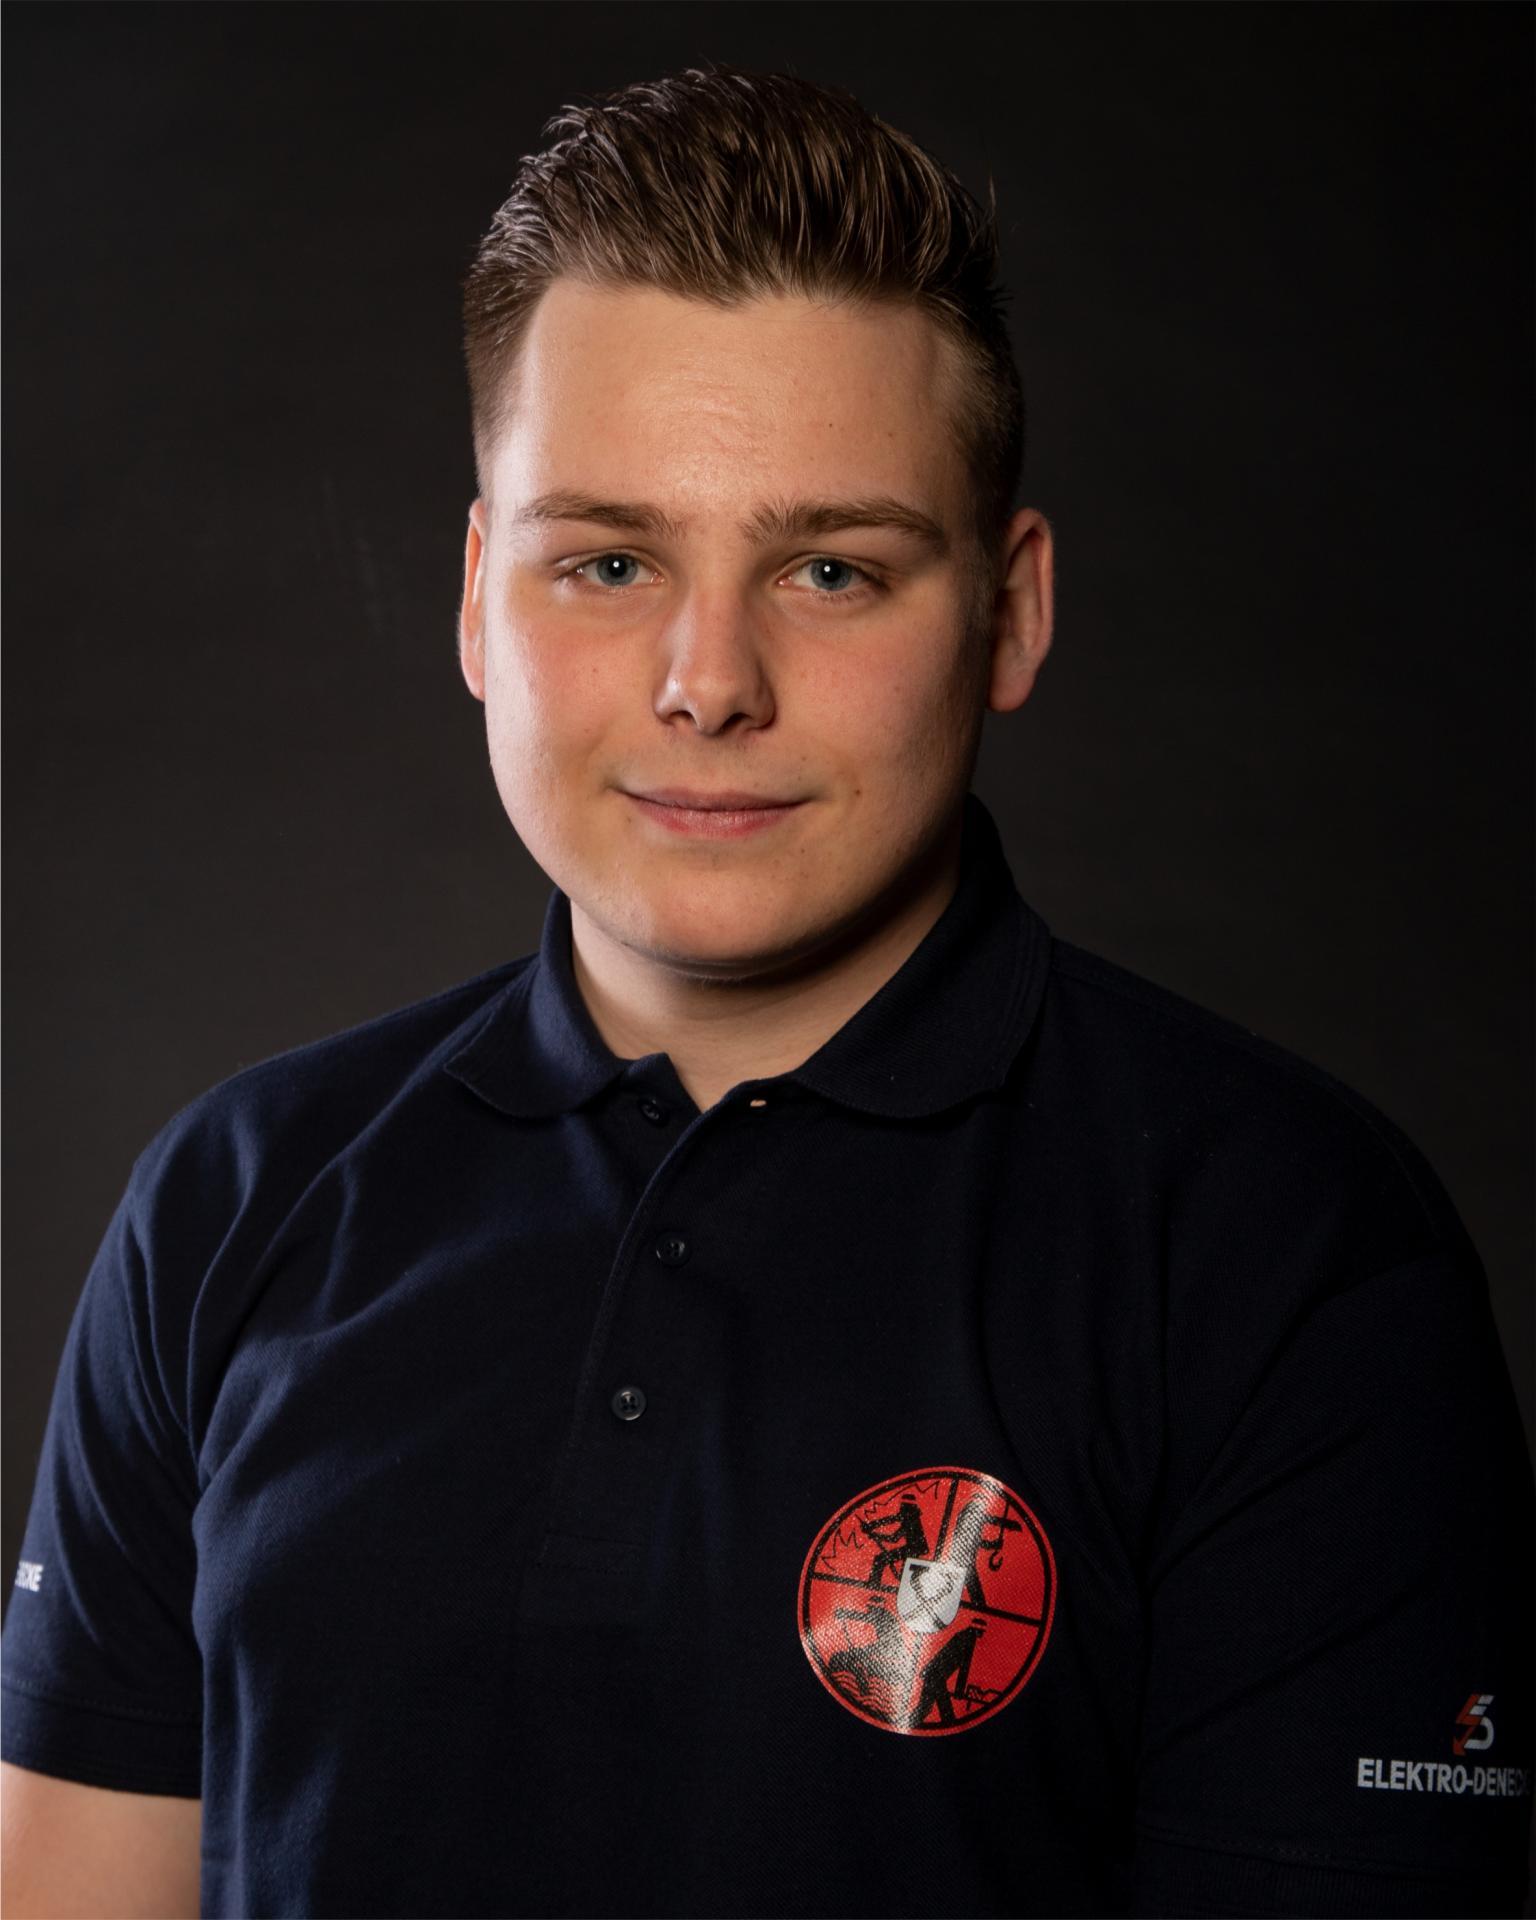 Lucas Heinecke